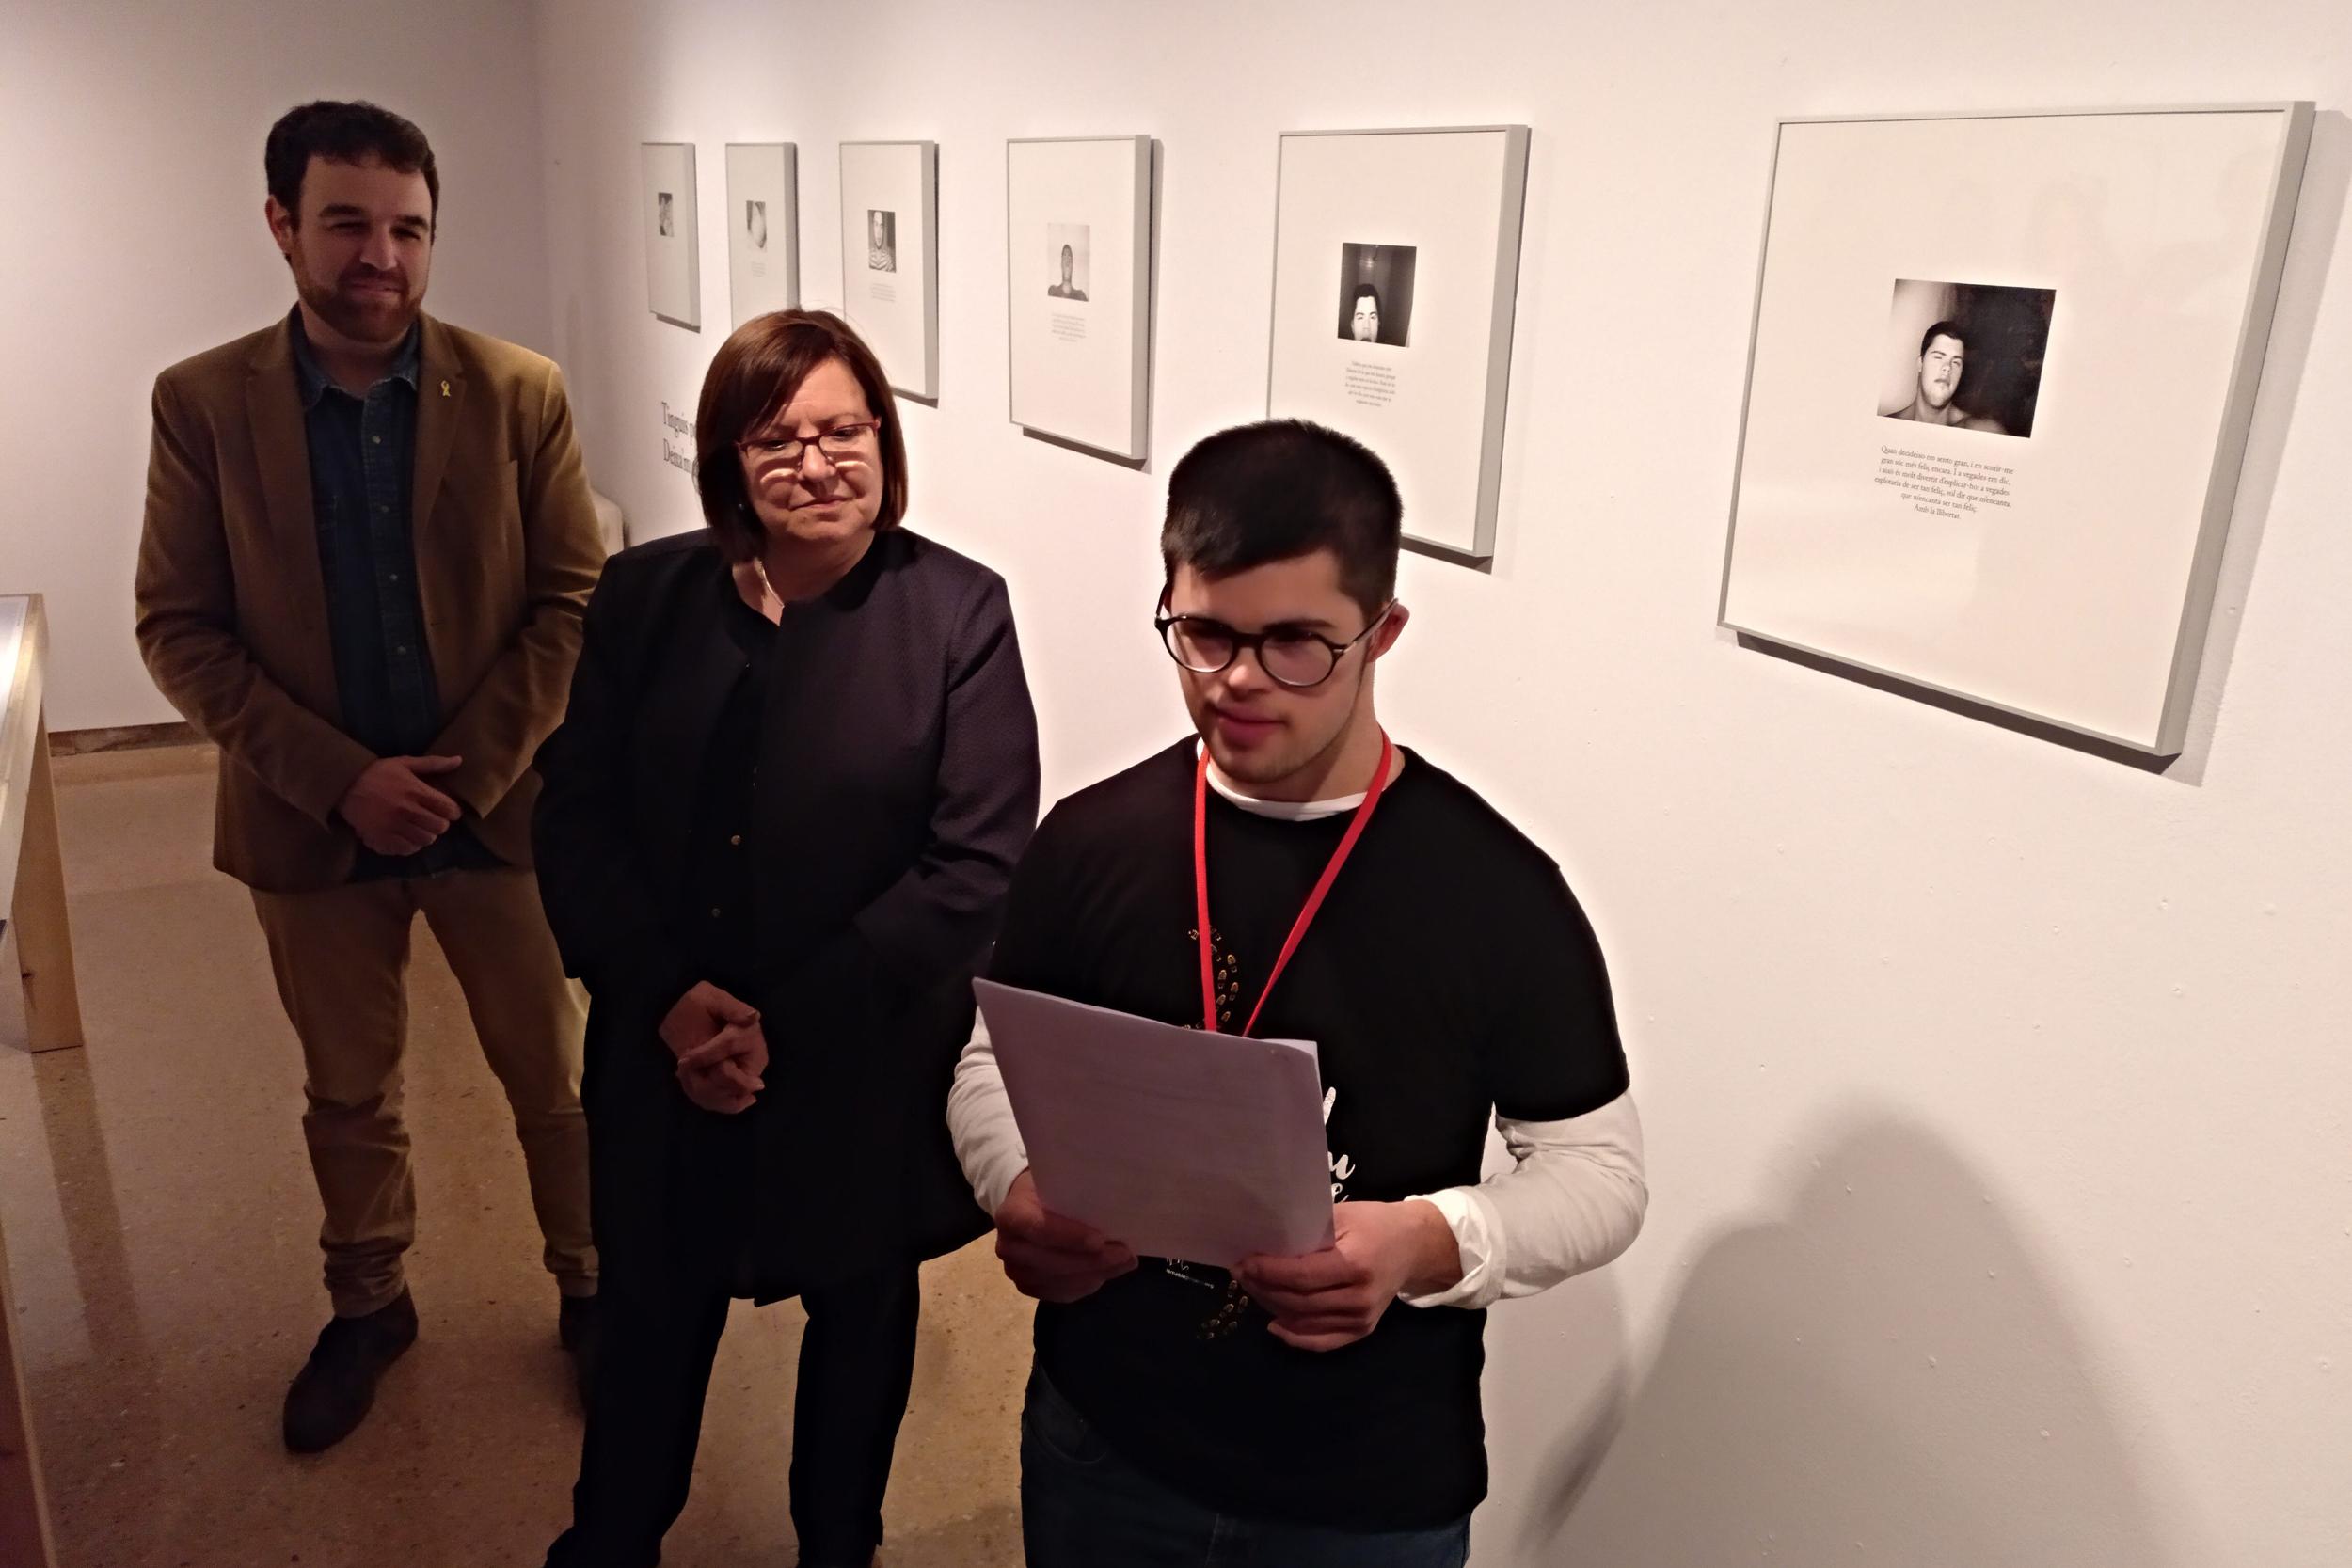 Treball artístic de Quim Vilamajó, un noi amb síndrome de Down que reivindica els valors de les persones amb altres capacitats